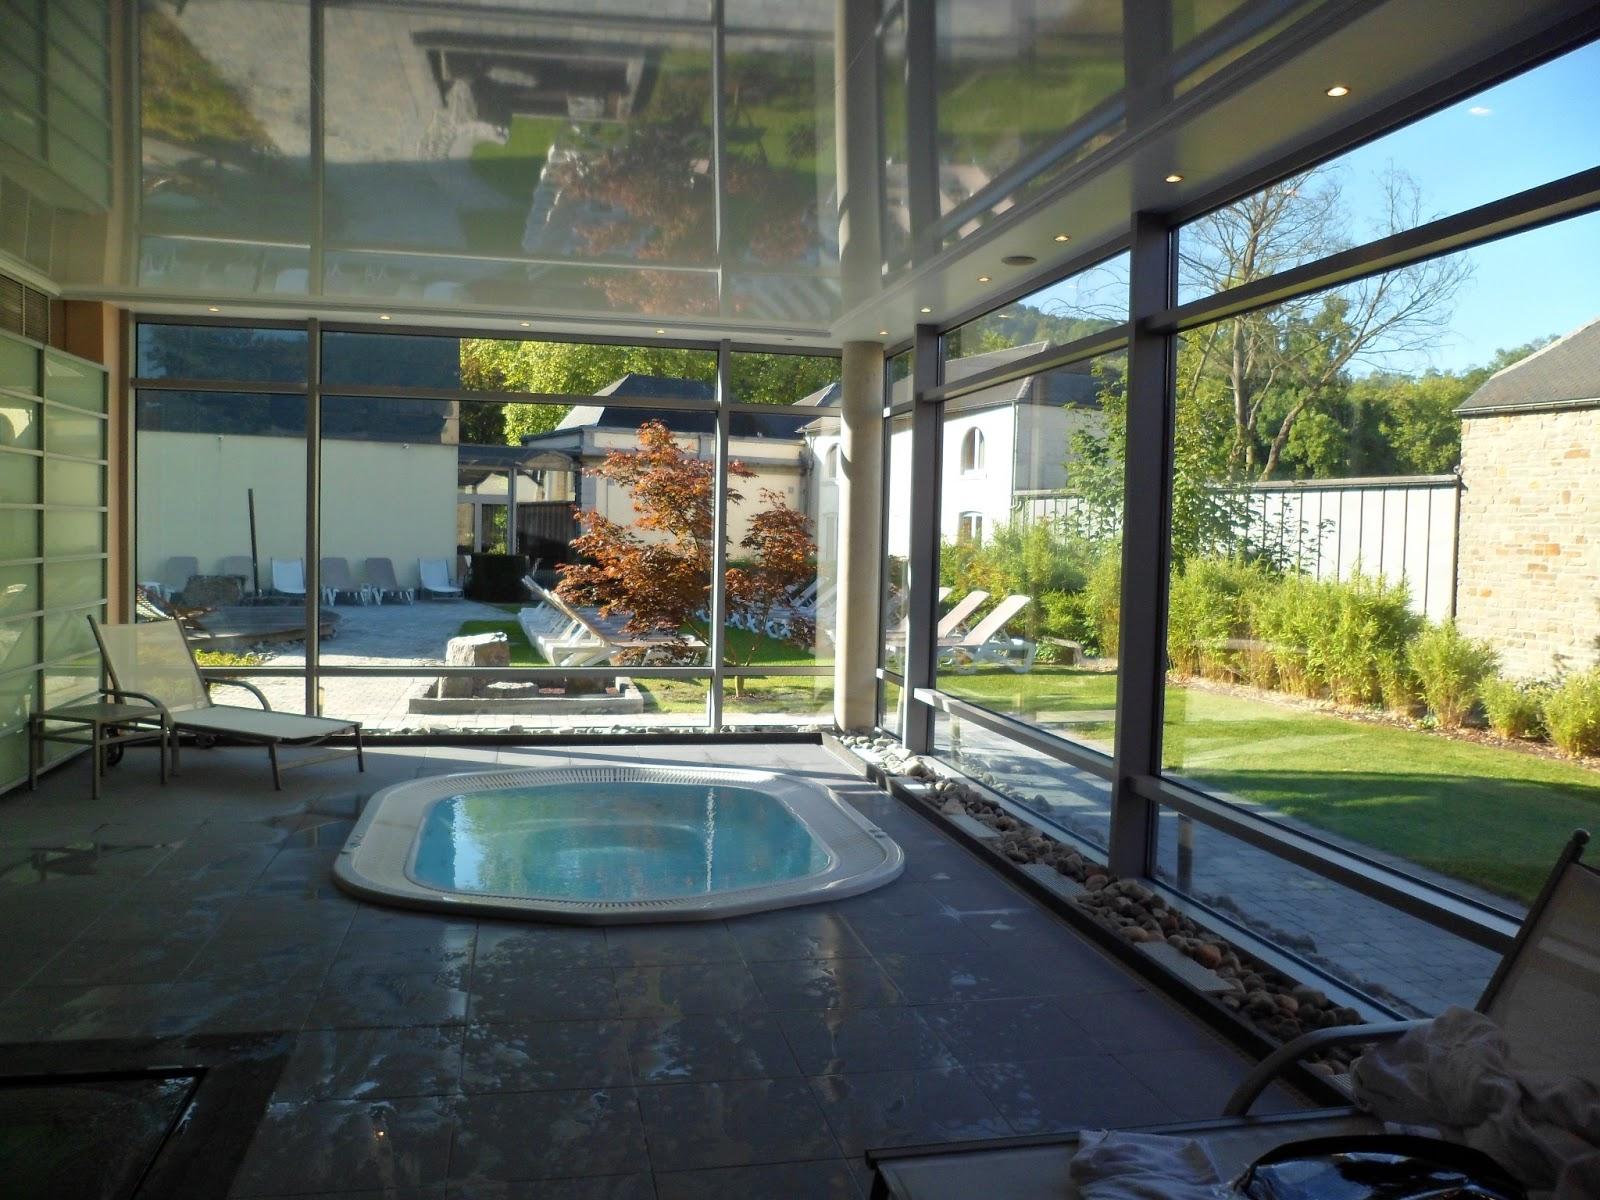 Mes conseils de voyage juin 2013 for Chaudfontaine piscine